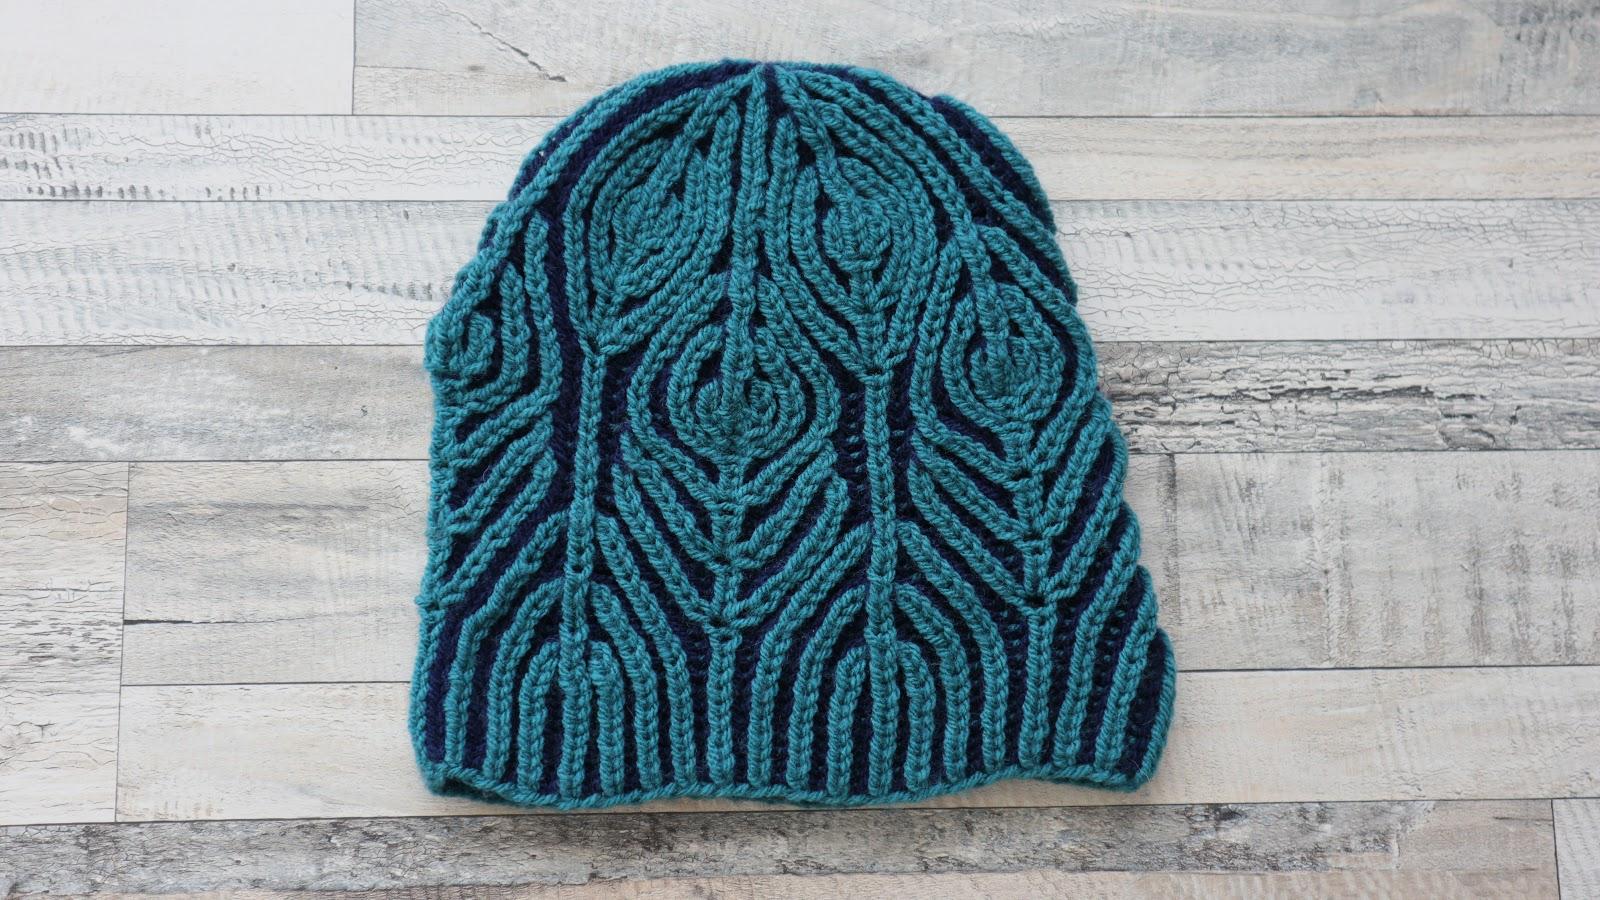 Interweave Hat - Brioche Knitting